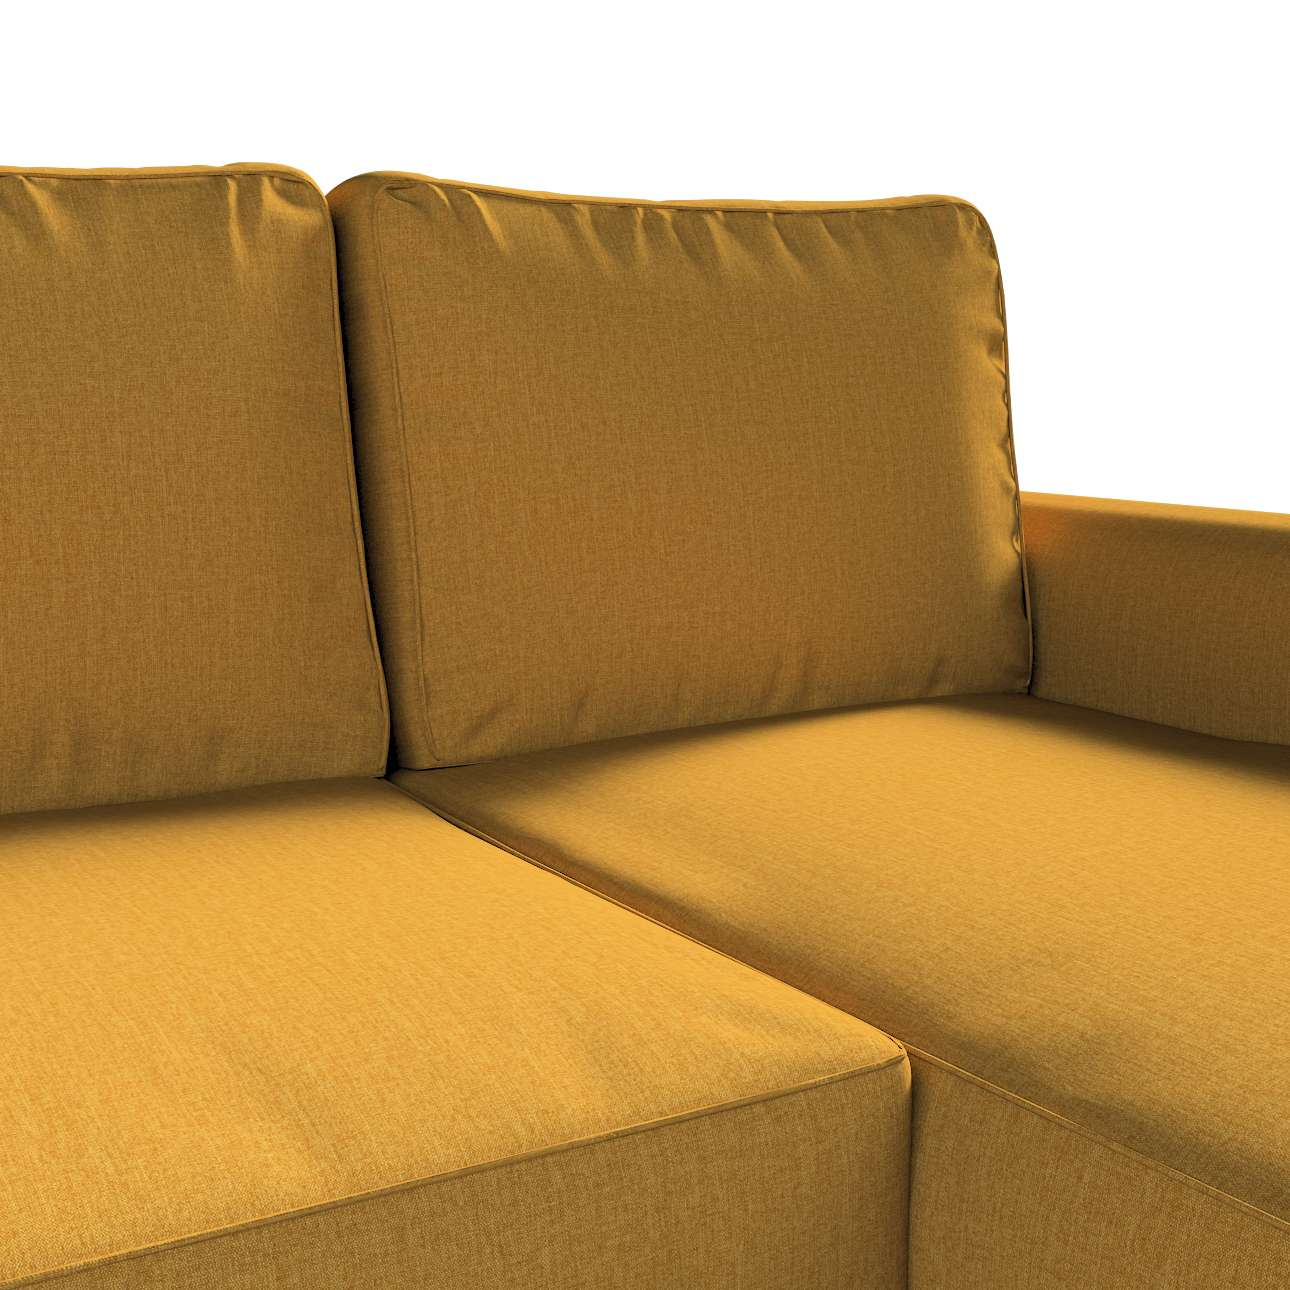 Pokrowiec na sofę Backabro rozkładaną z leżanką w kolekcji City, tkanina: 704-82